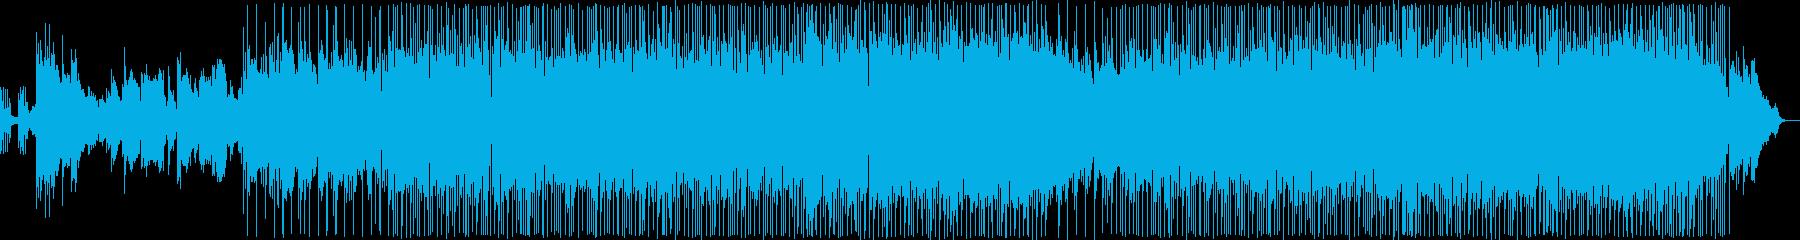 優しい雰囲気のR&Bバラードの再生済みの波形